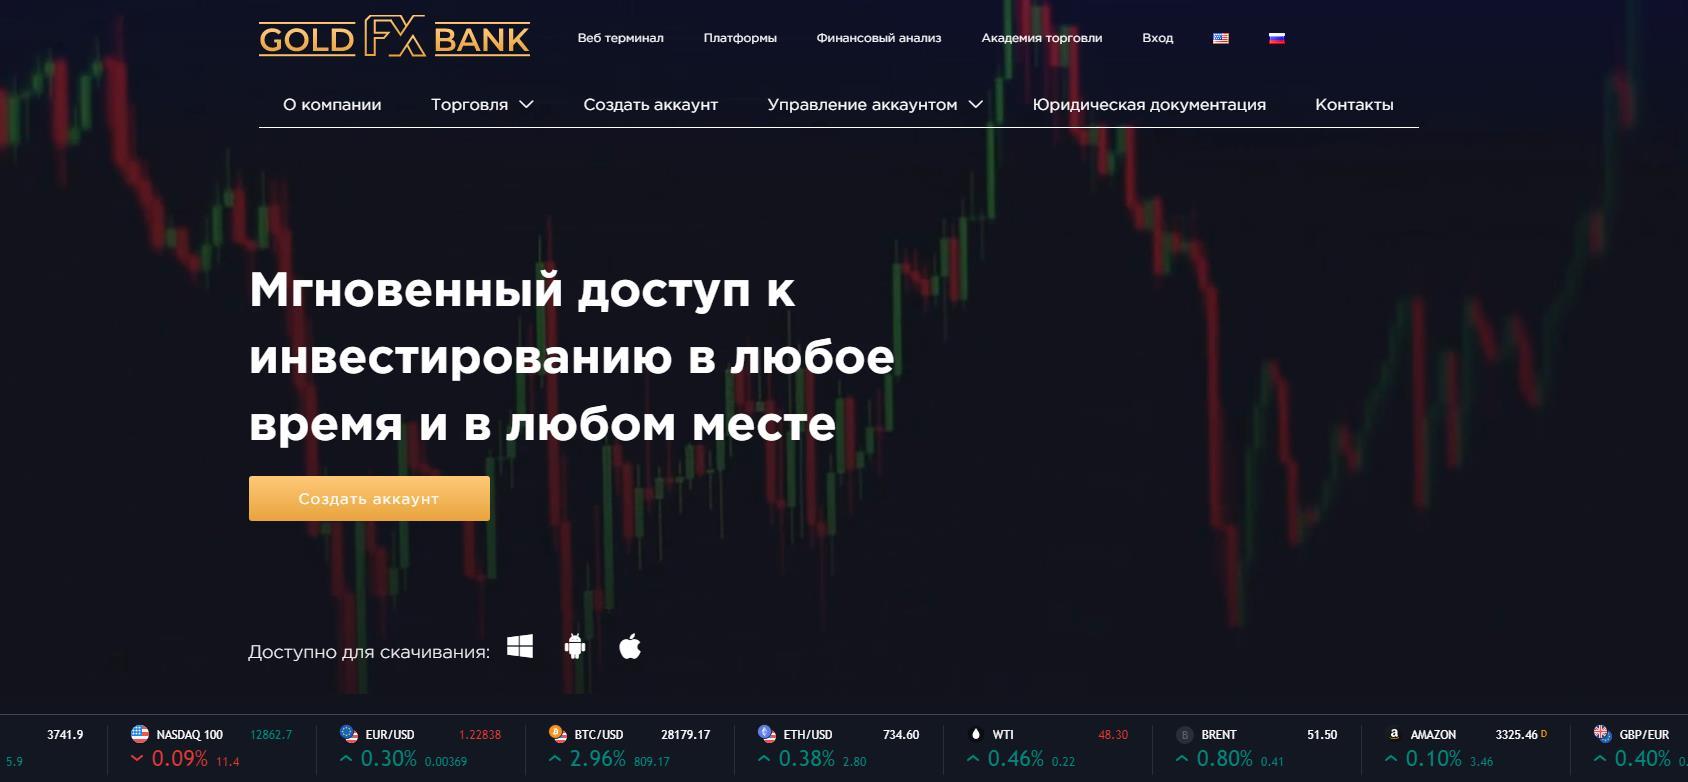 обзор официального сайта goldfxbank